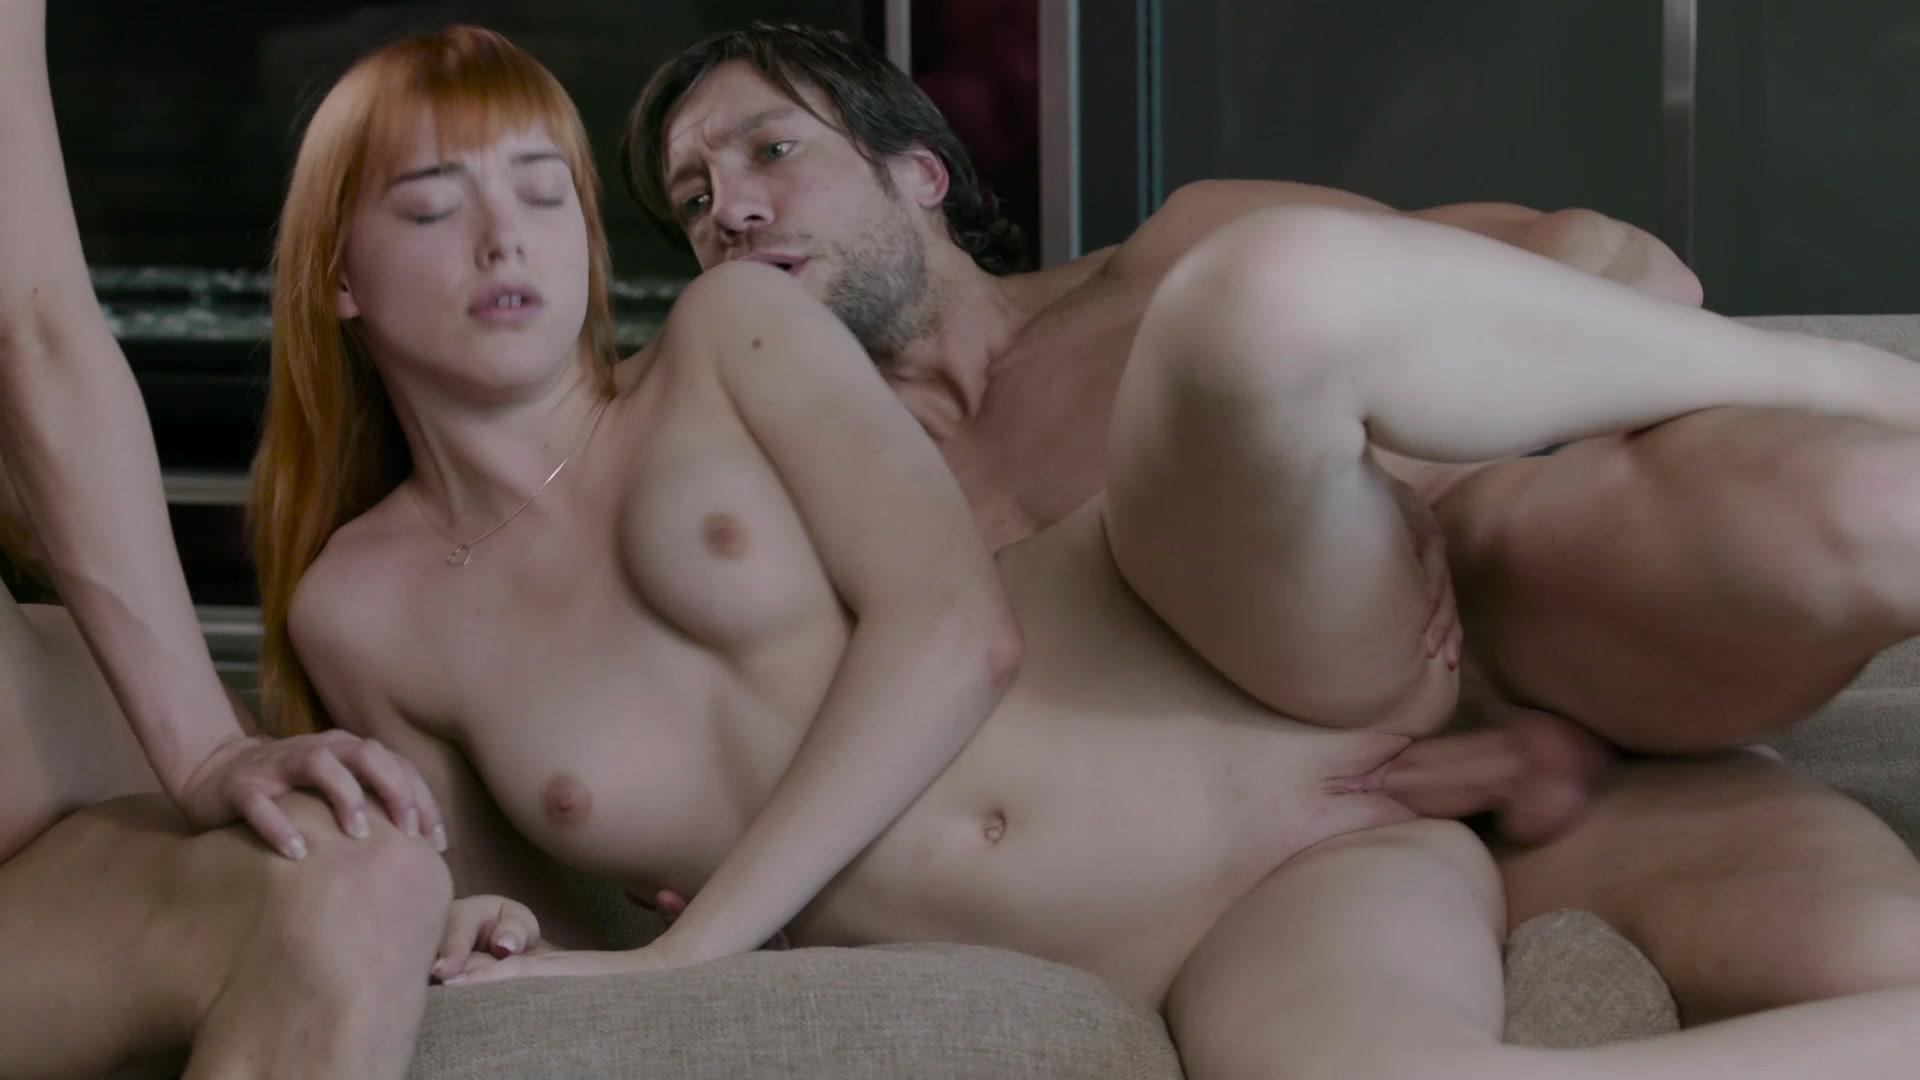 Passionate Female Friendly Porn